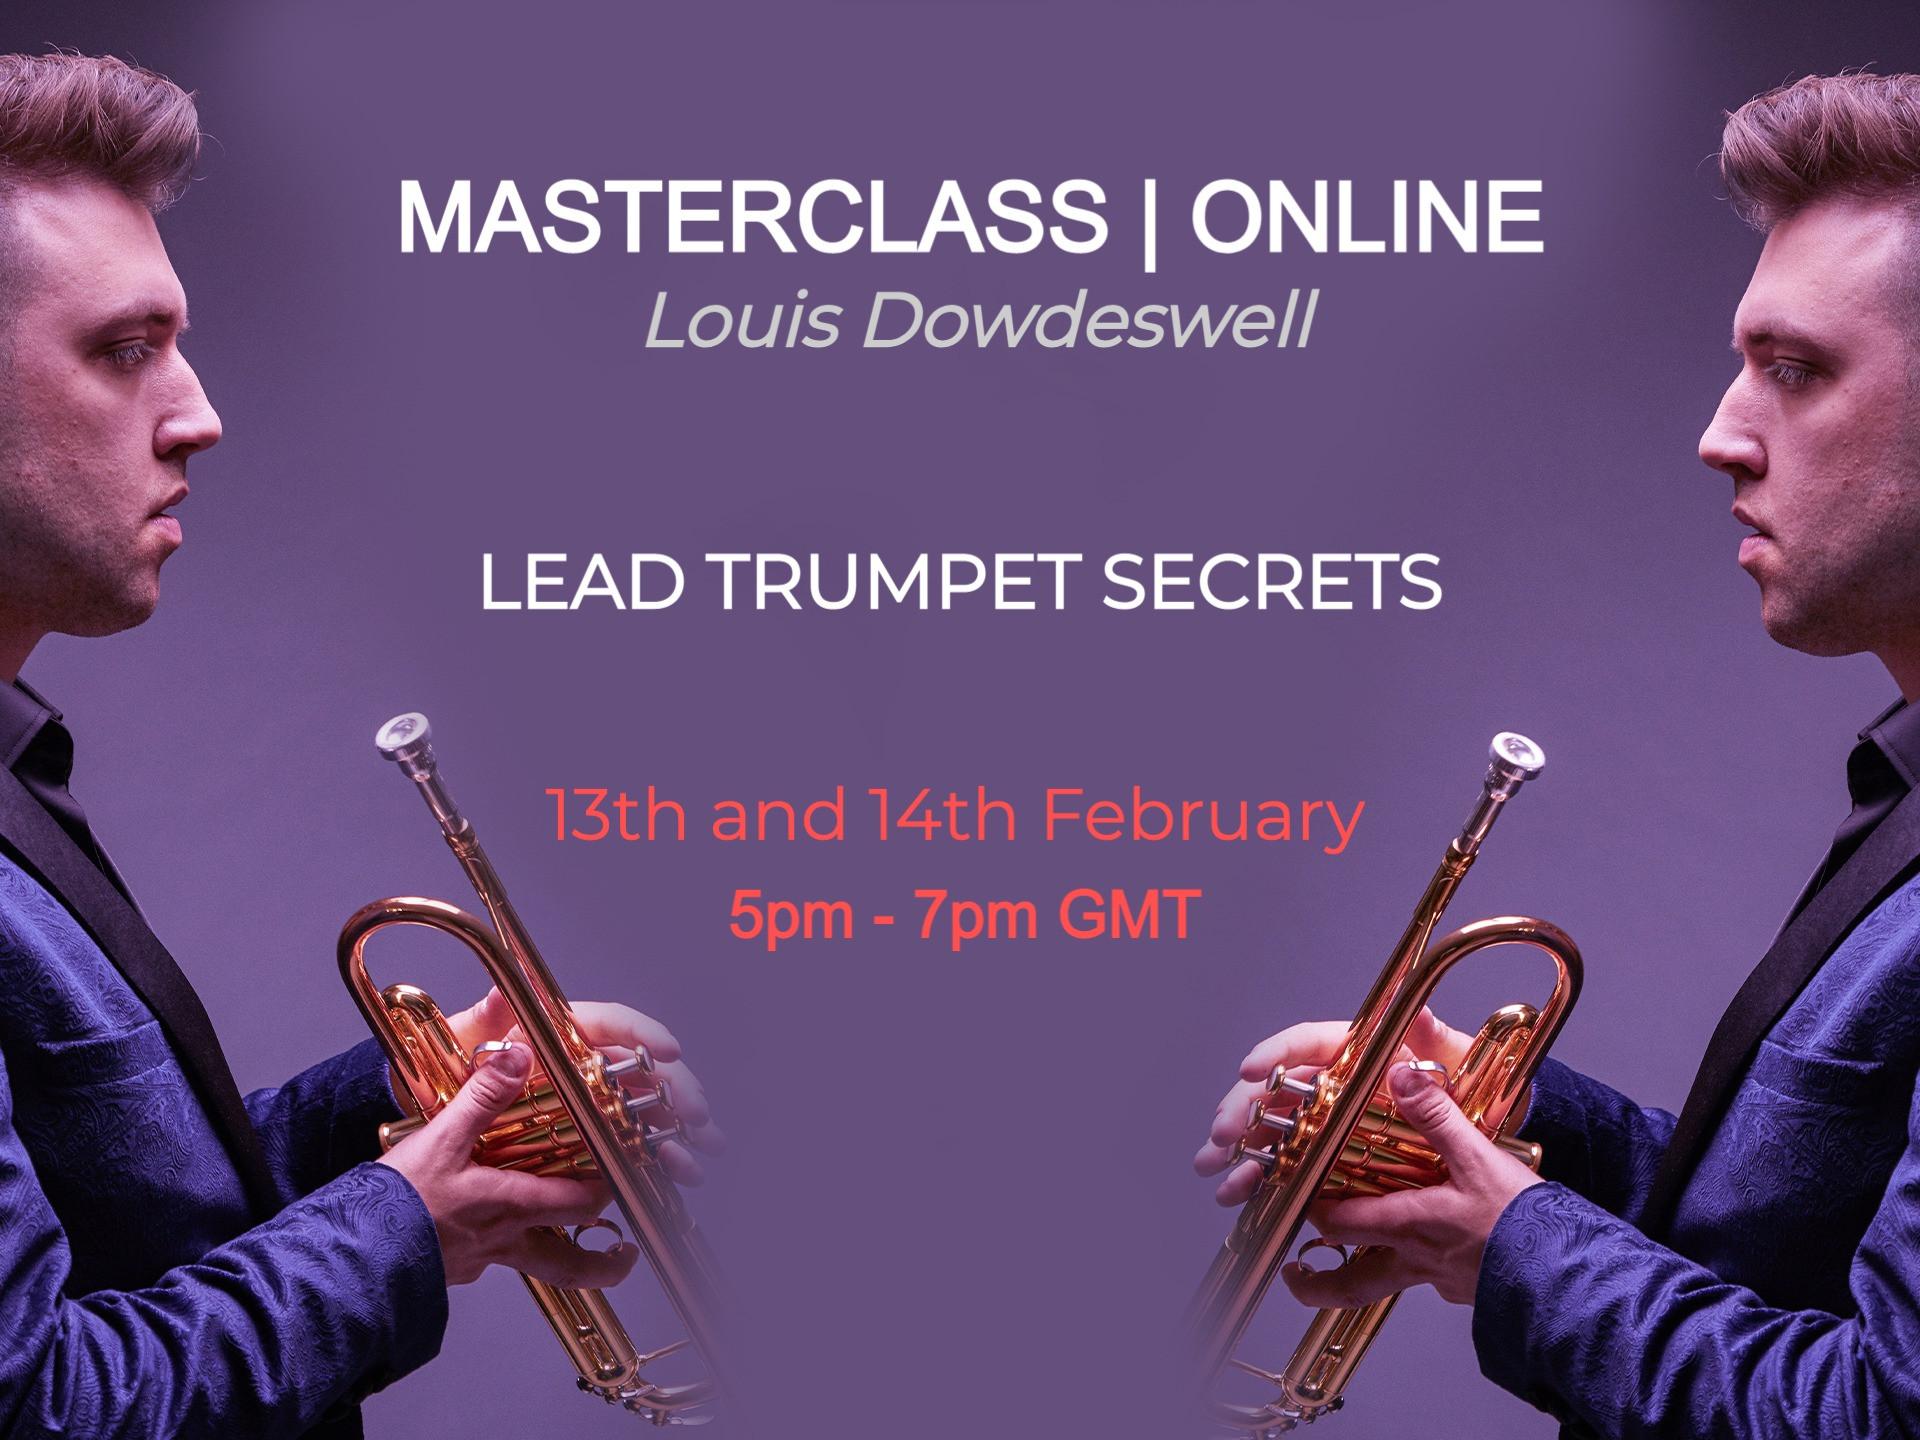 Masterclass: Louis Dowdeswell